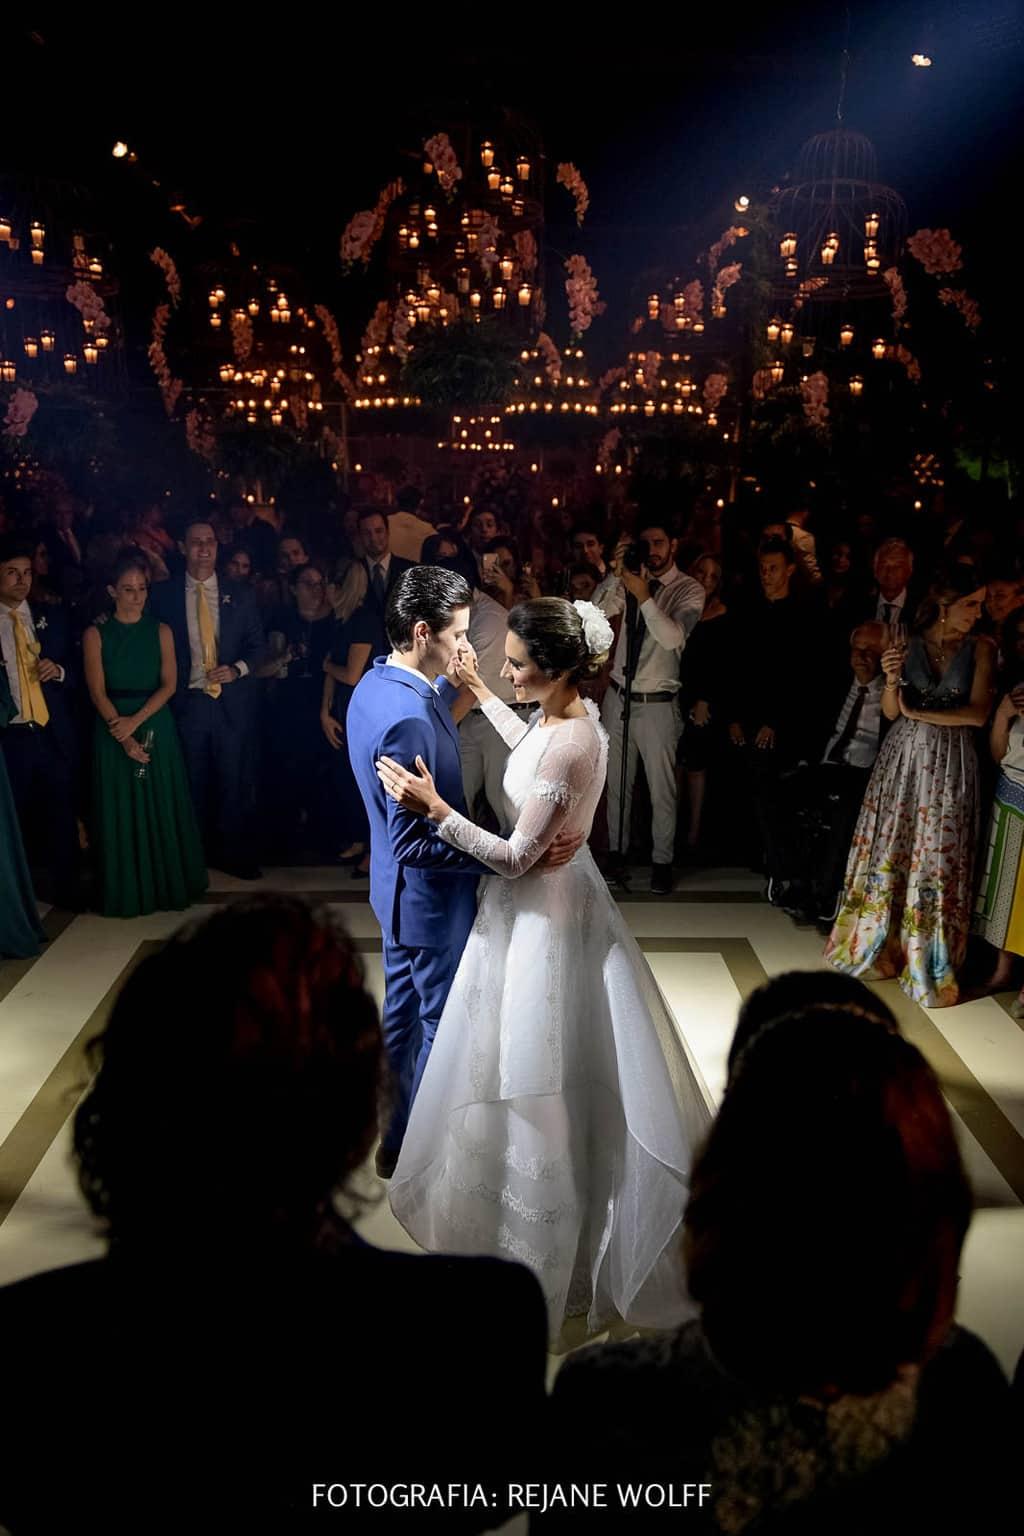 Casamento-Verane-e-Bruno-fotografia-Rejane-Wolff-hora-do-buque-Rej-Terras-de-Clara16